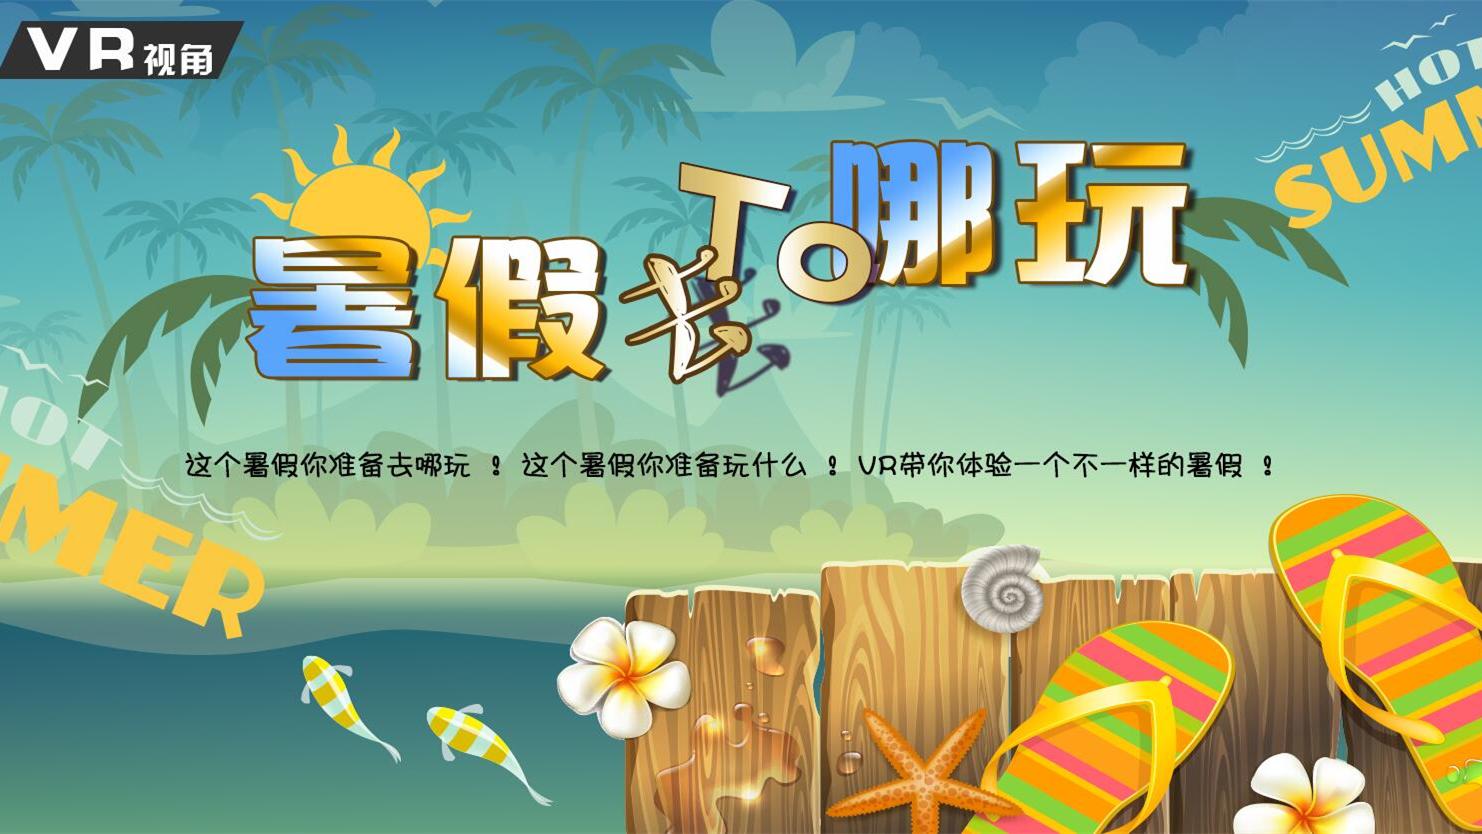 暑假去哪玩 新華VR帶您領略精彩假日